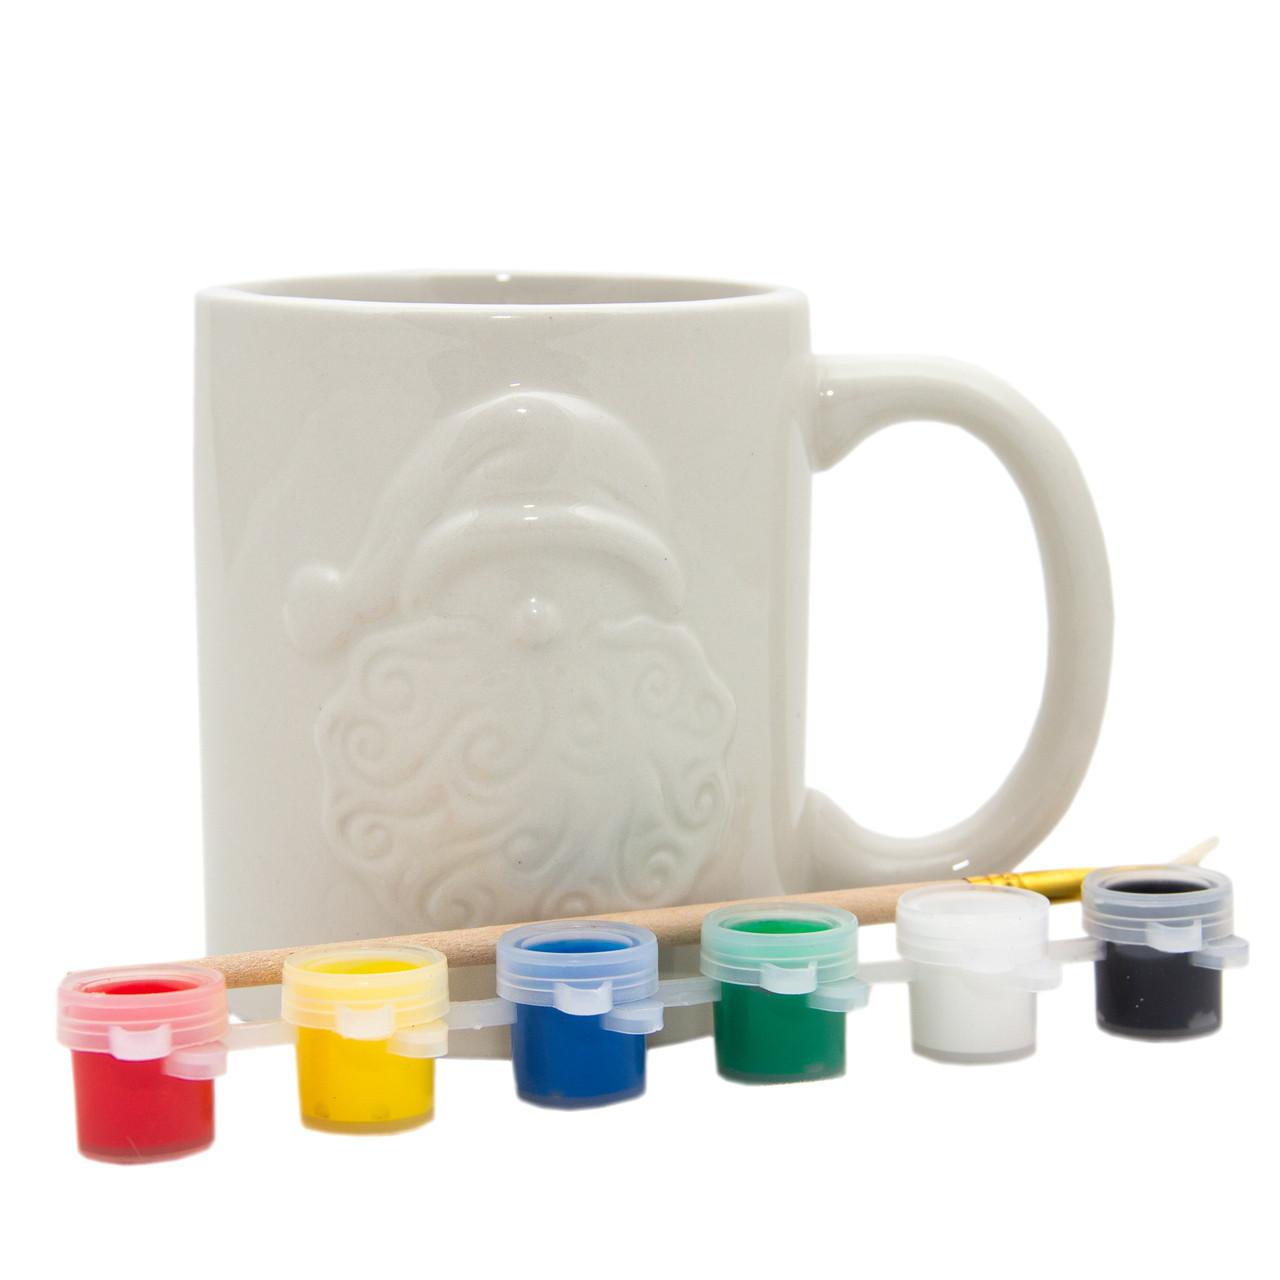 Набор для детского творчества - керамика, кружка Дед Мороз, 6 красок (022397-1)